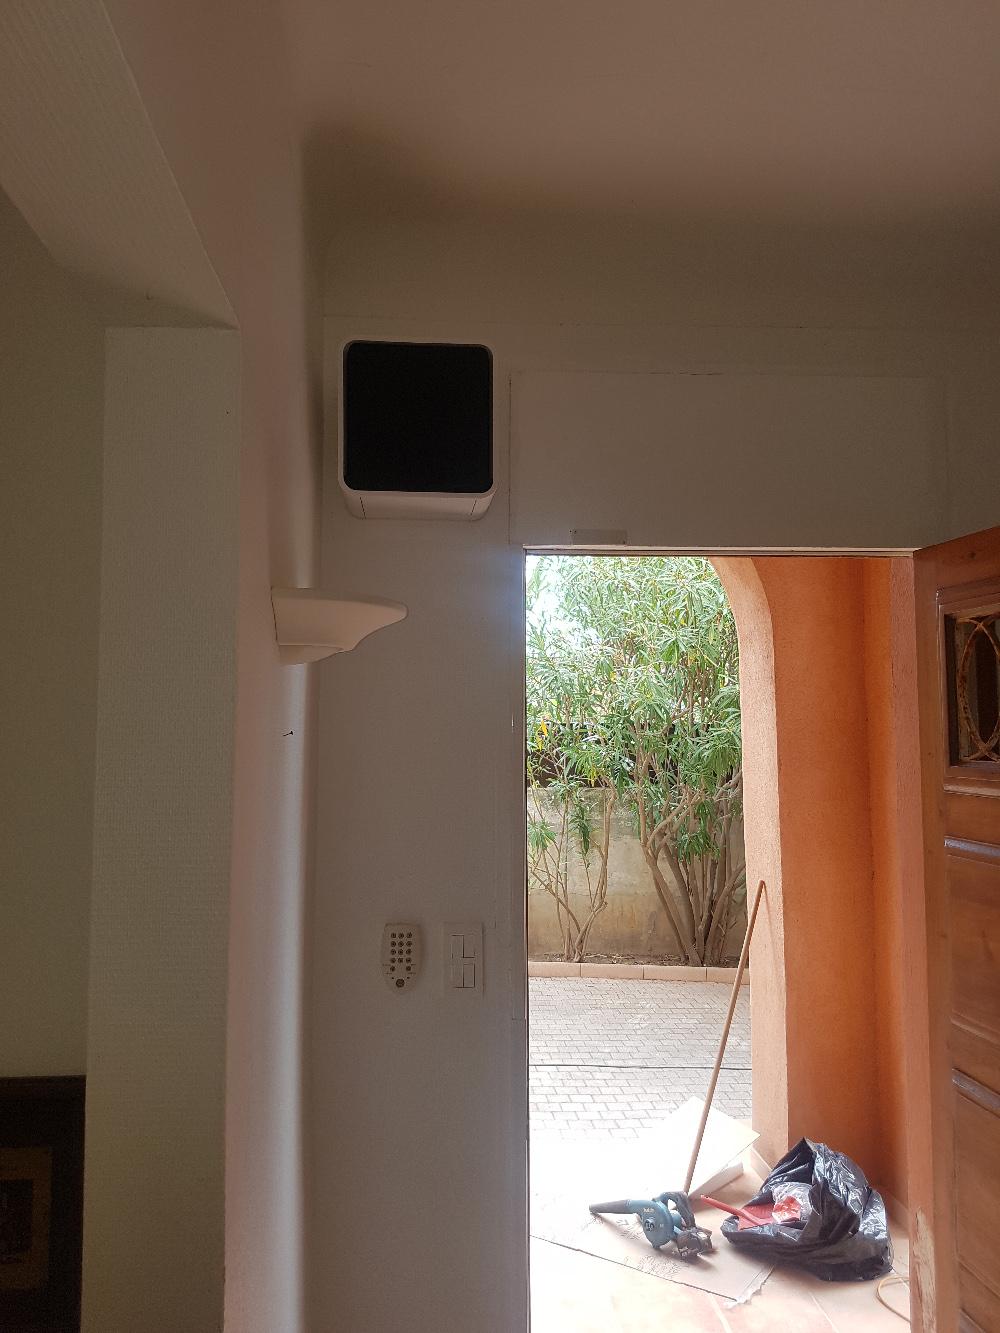 climatisation vmc vmi bati sur. Black Bedroom Furniture Sets. Home Design Ideas